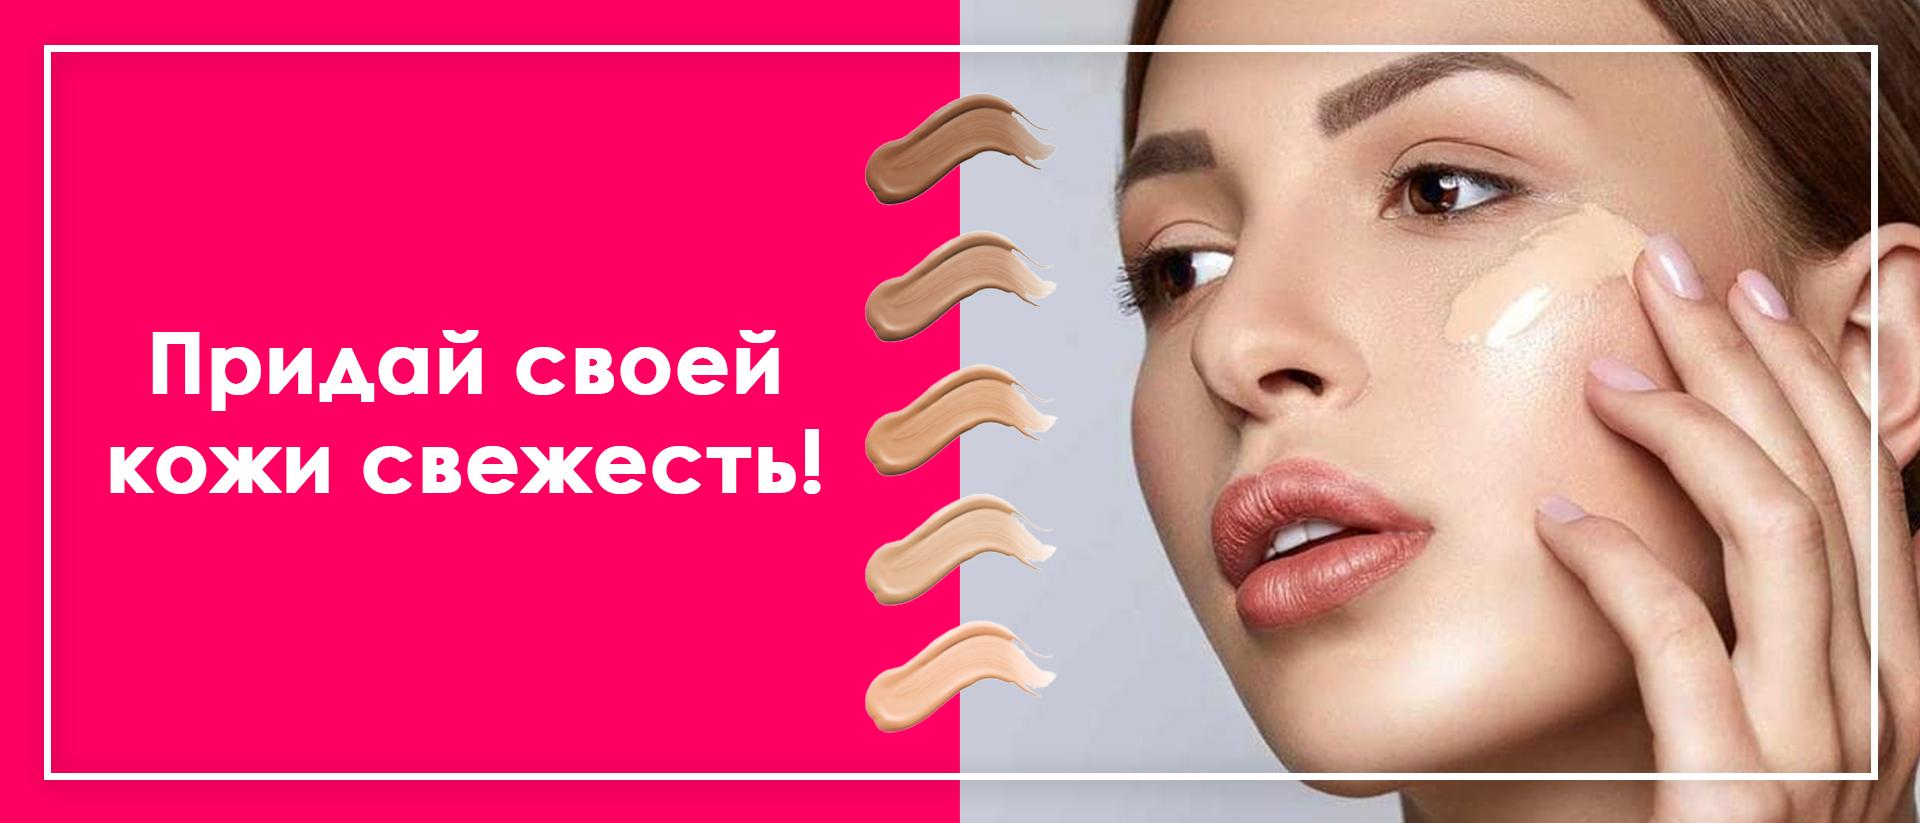 Консилеры в Алматы